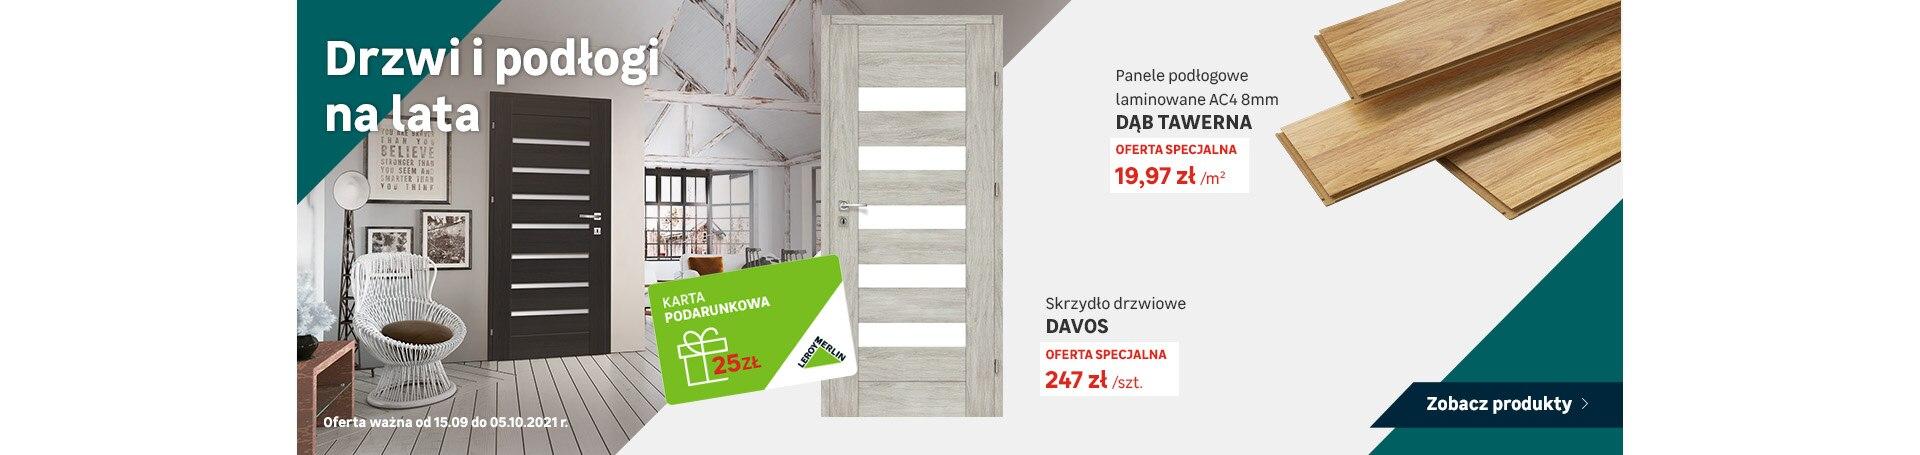 ps-DBD-Drzwi-i-podlogi-22-28.09.2021-1922x455